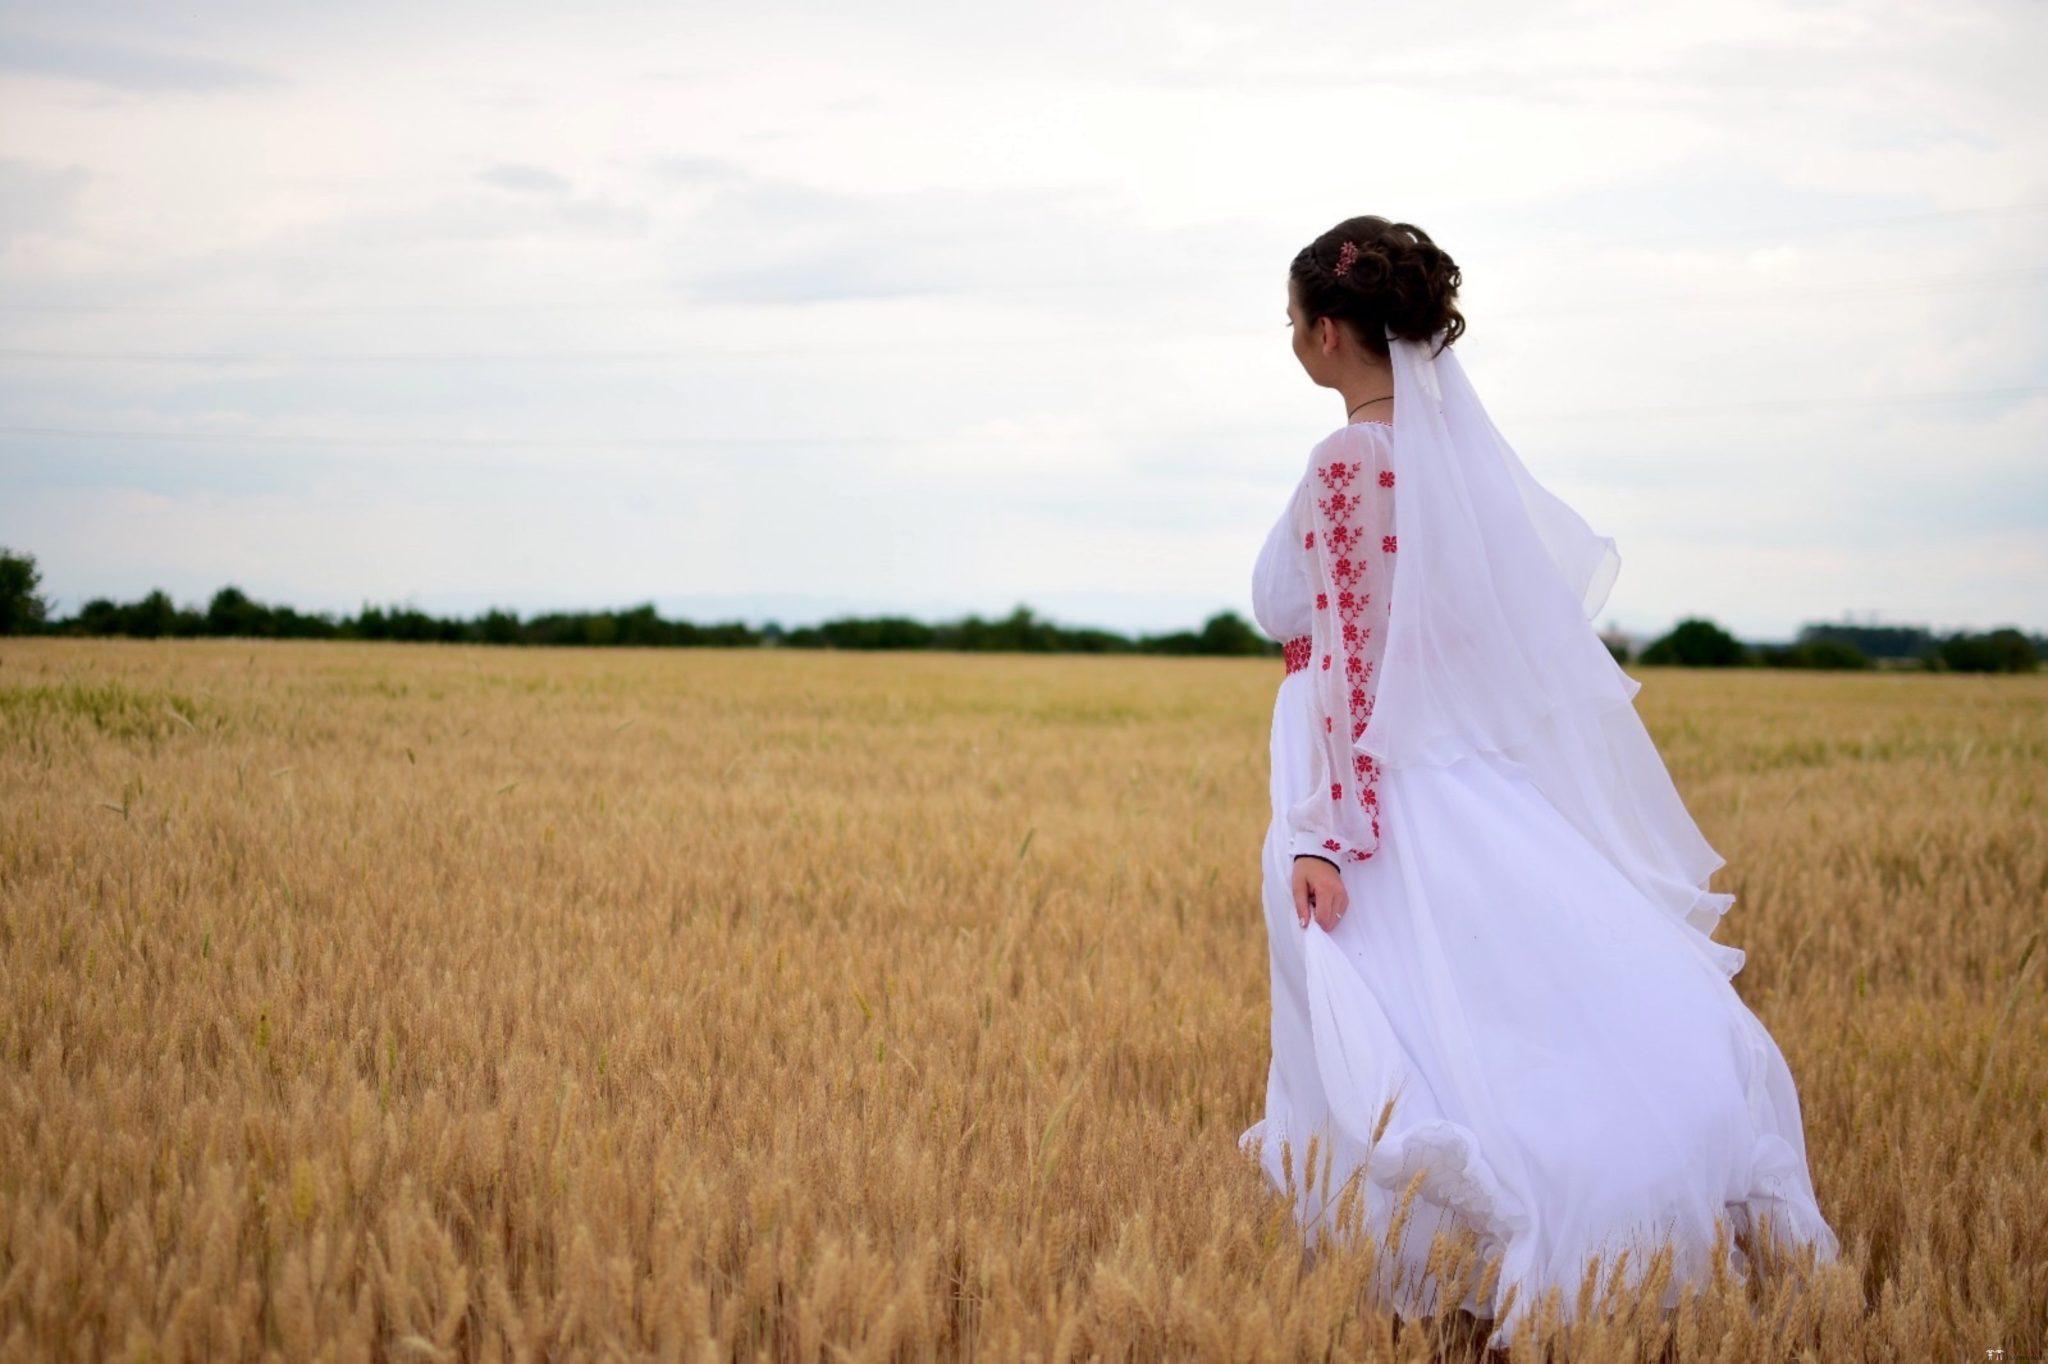 Povești Nunți Tradiționale - George Gabriel și Alexandra Buzatu, nuntă tradițională în Strejnicu, Prahova 17